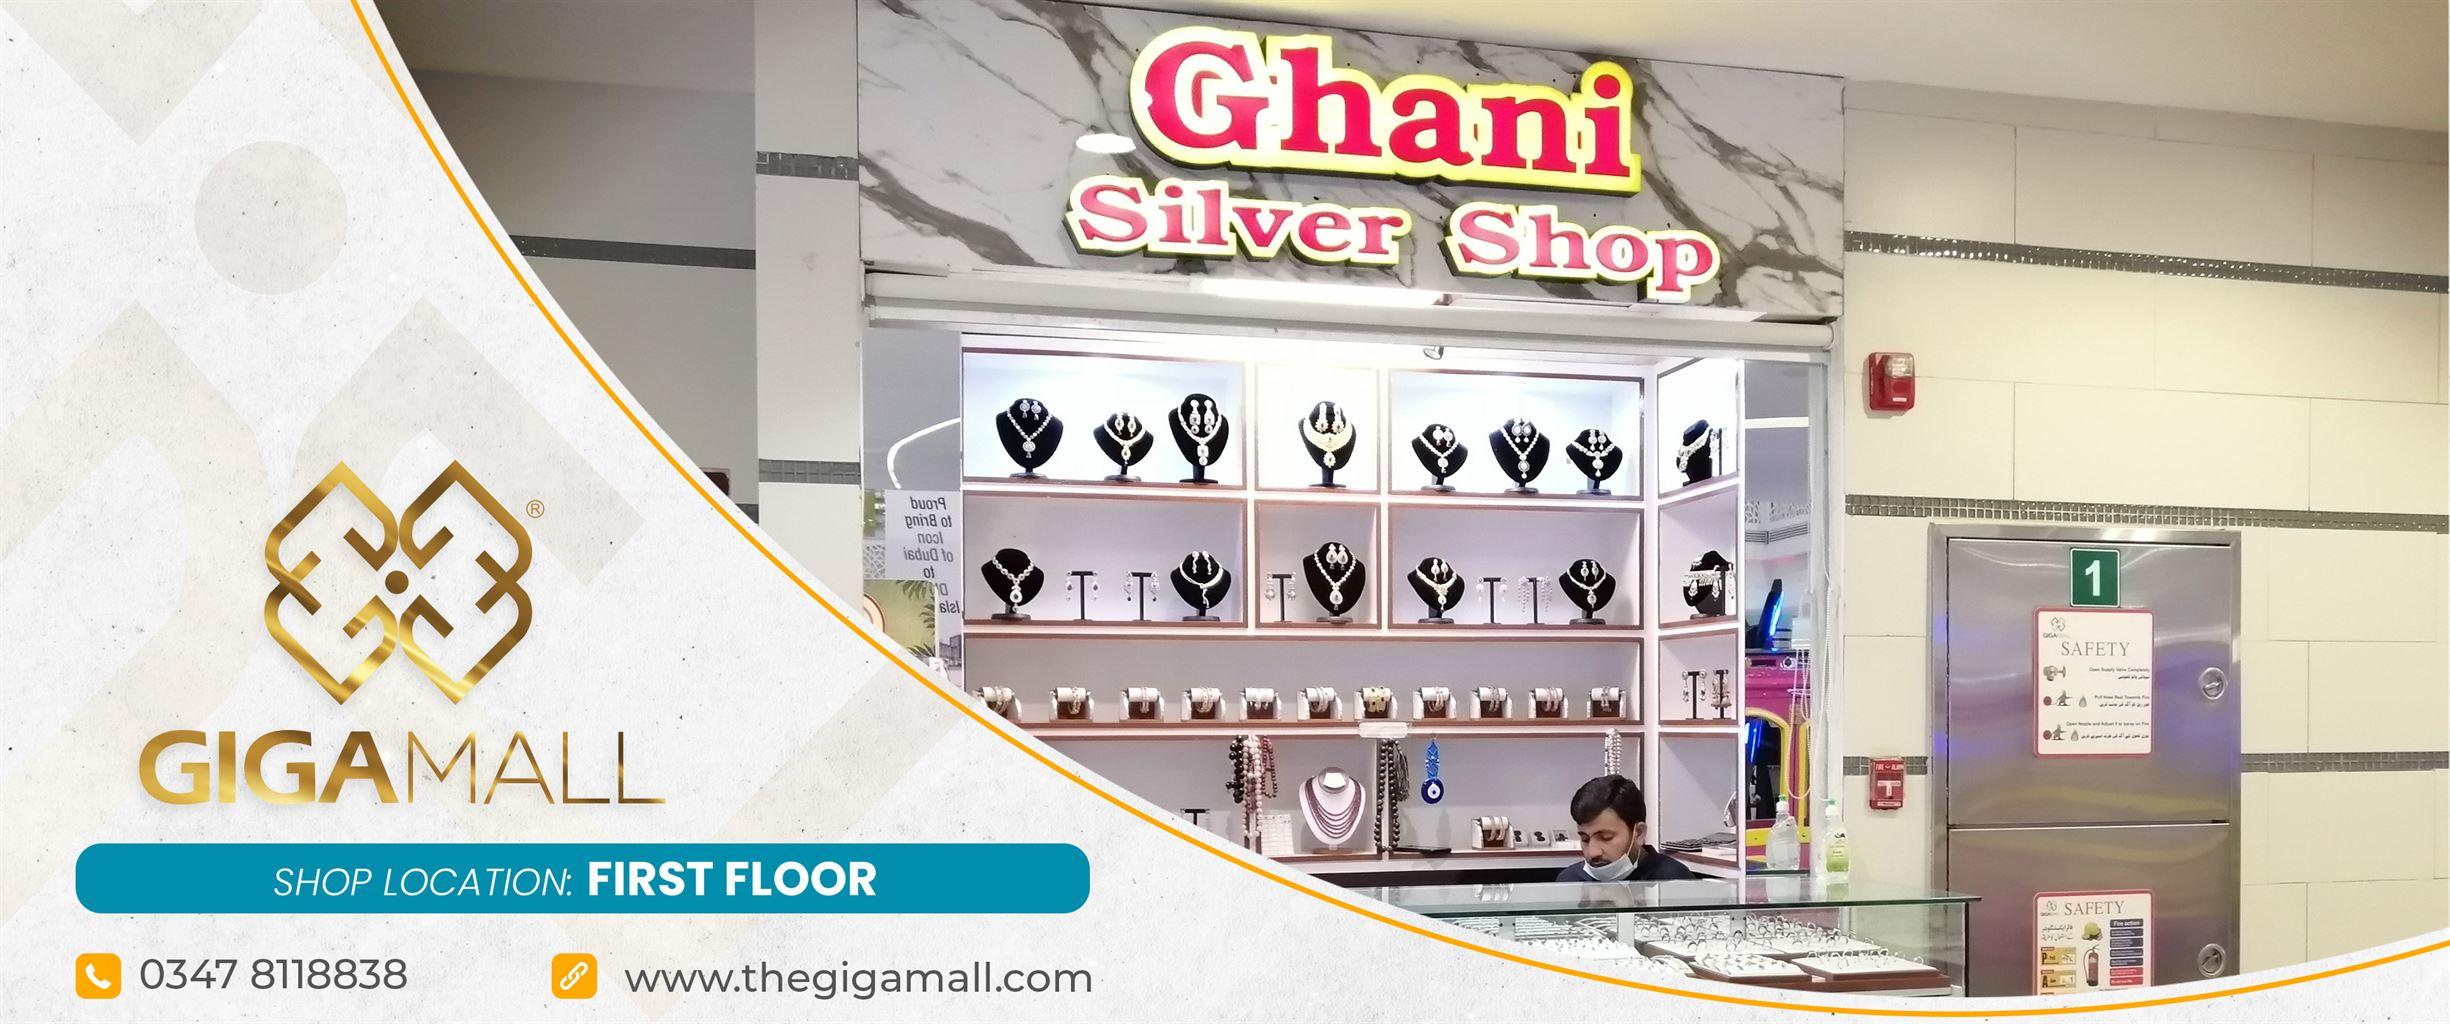 Ghani Silver Shop